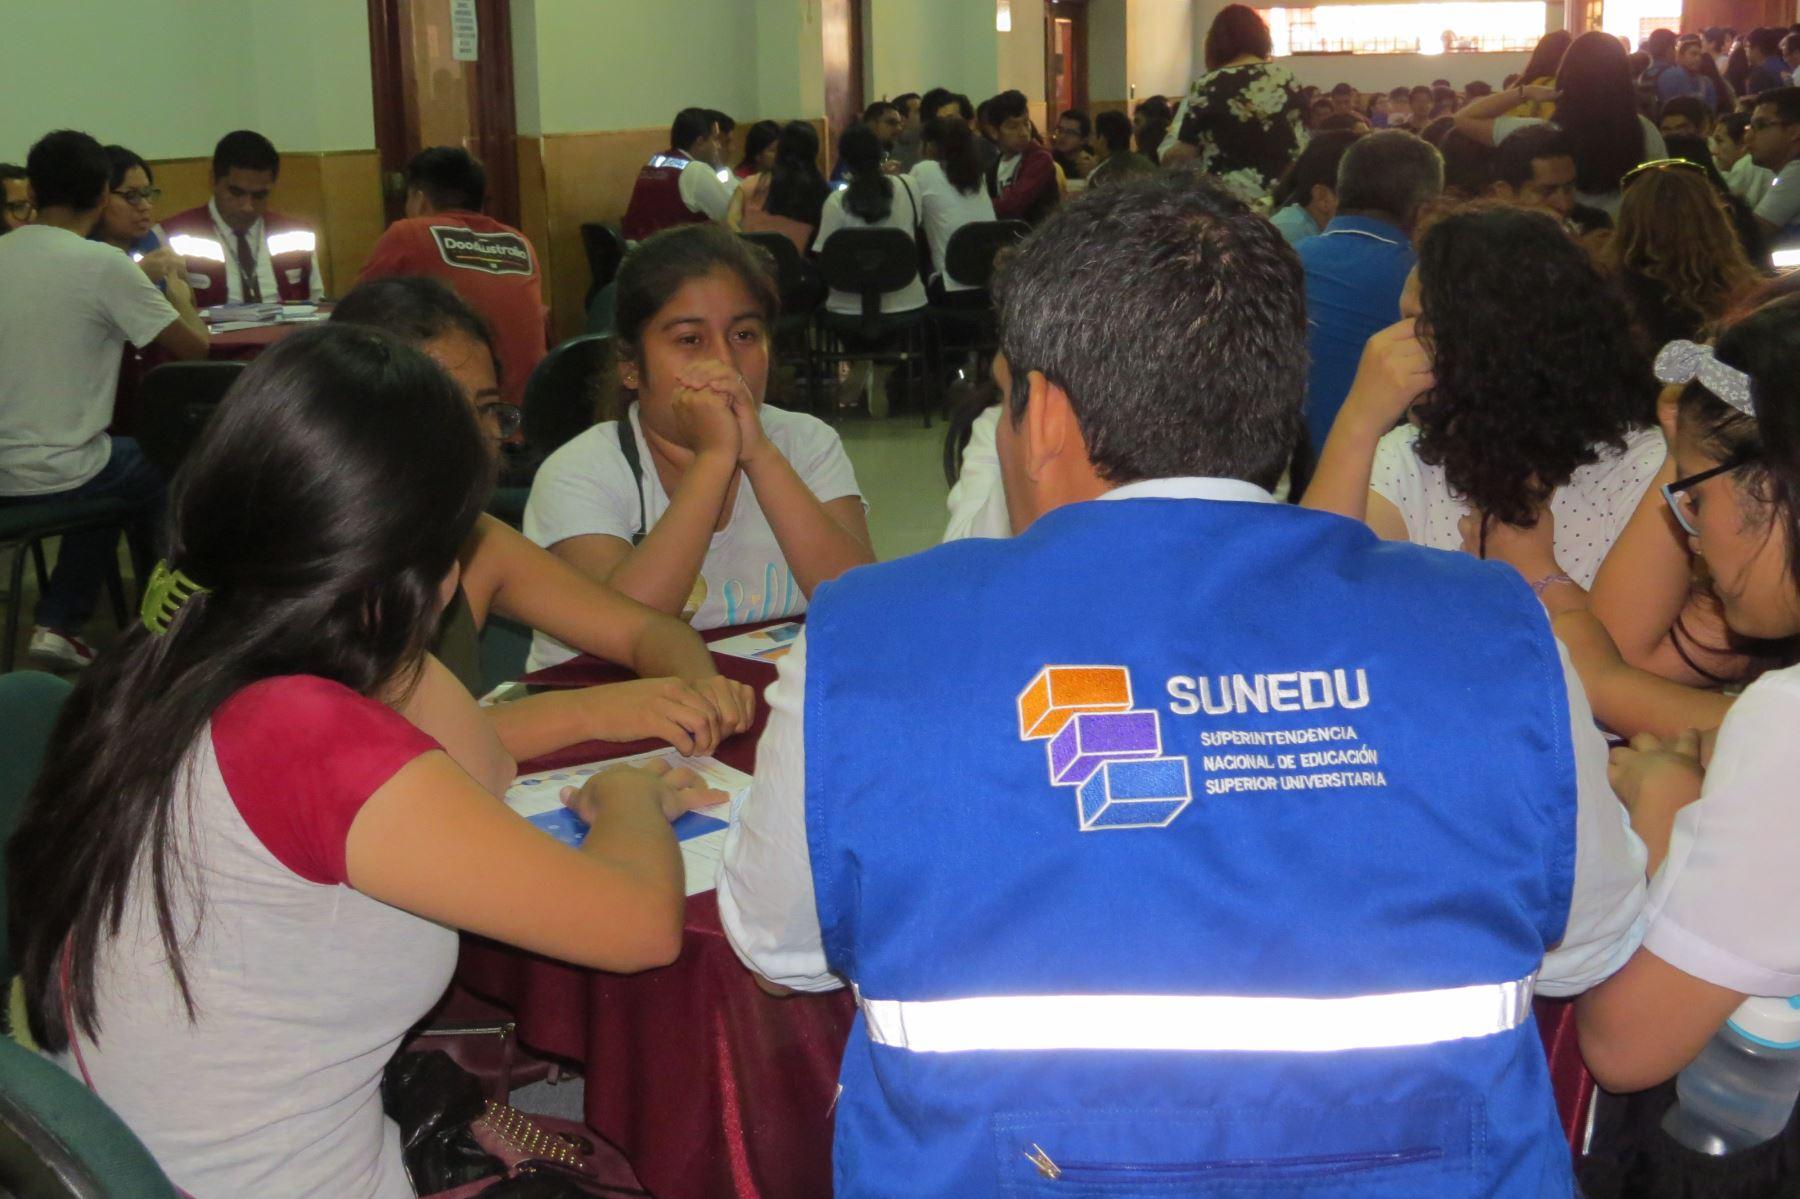 La Sunedu conformó mesas de trabajo en Chimbote para absolver las dudas de los estudiantes sobre proceso de cierre de la Universidad San Pedro.